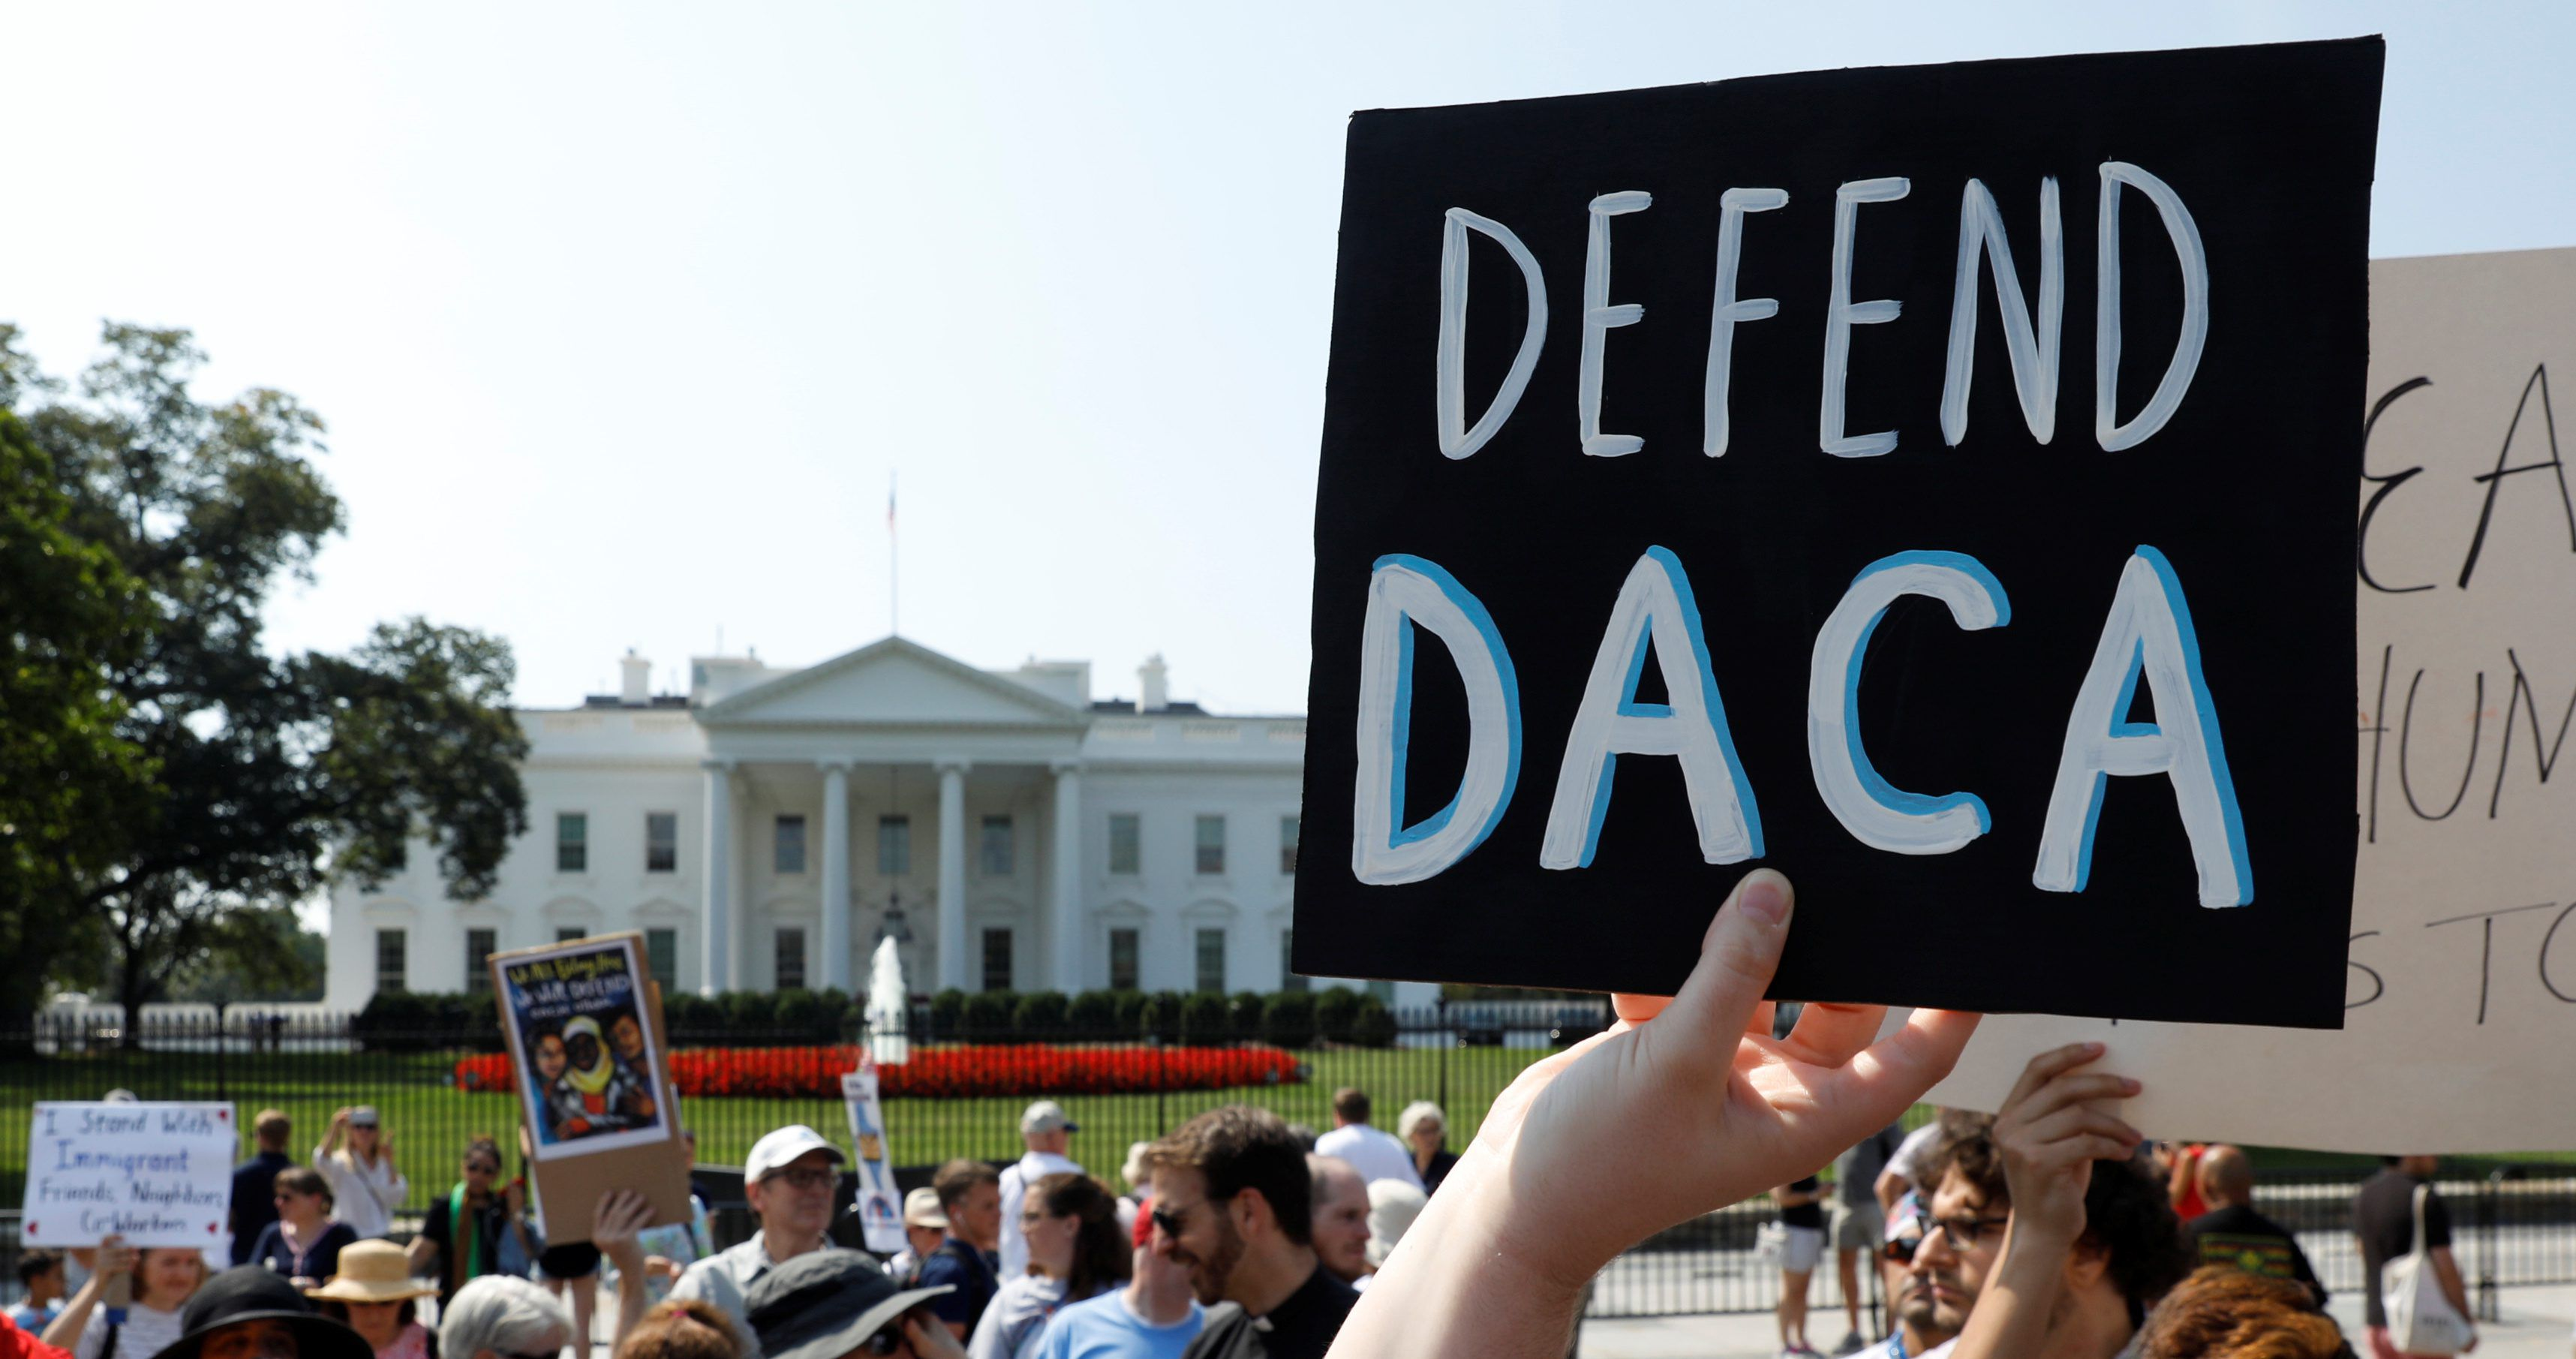 daca-wh-protest-e1504633401213.jpg